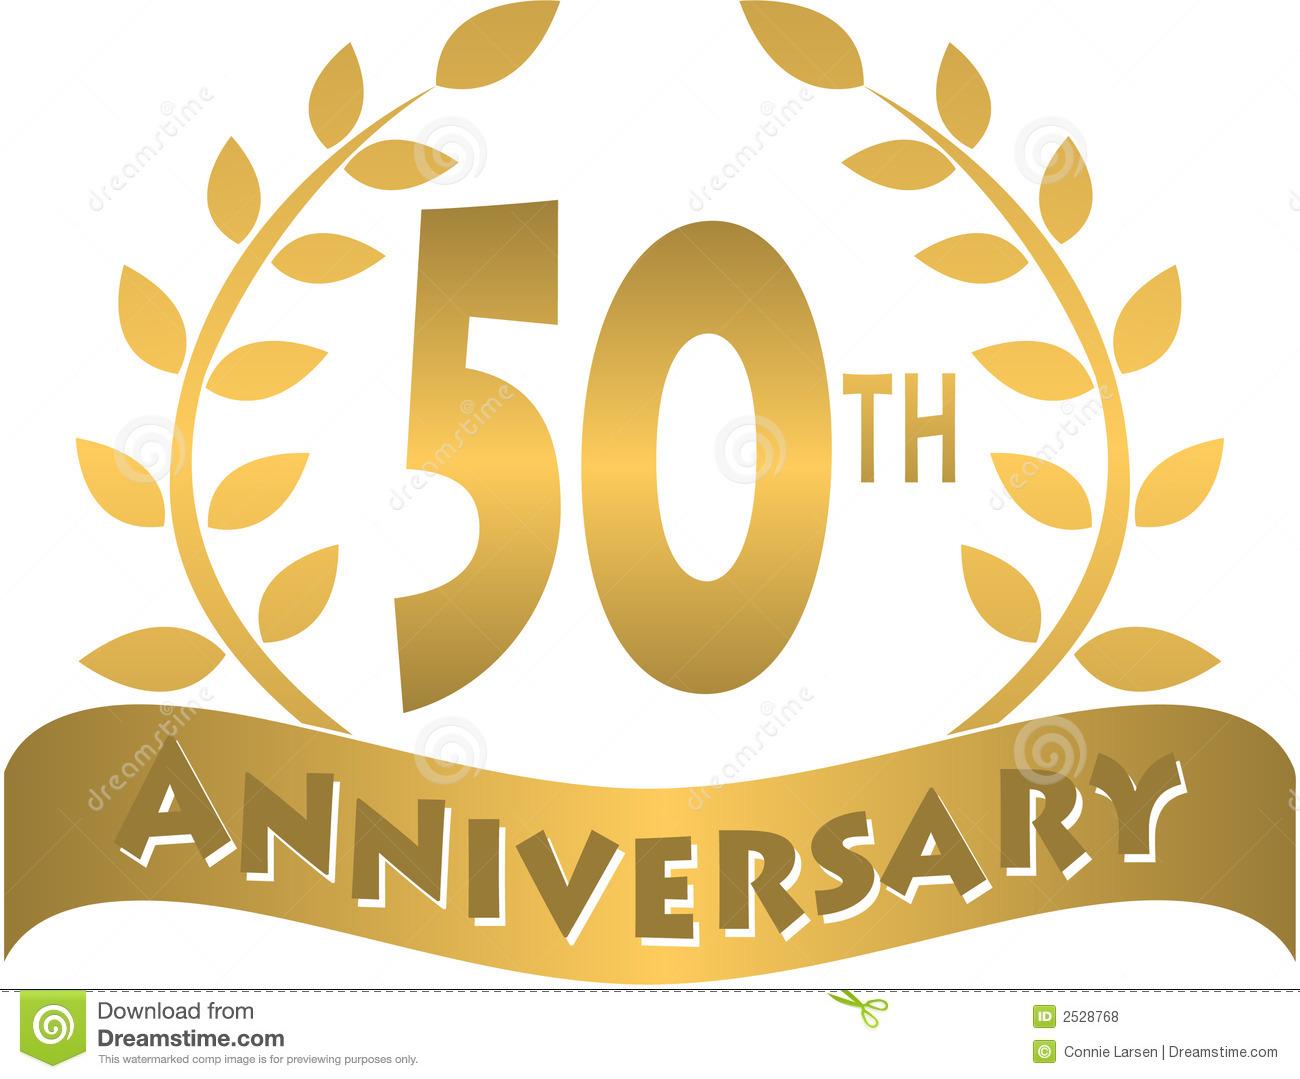 Happy 50th anniversary clipart clip download 50th wedding anniversary clipart - ClipartFest clip download